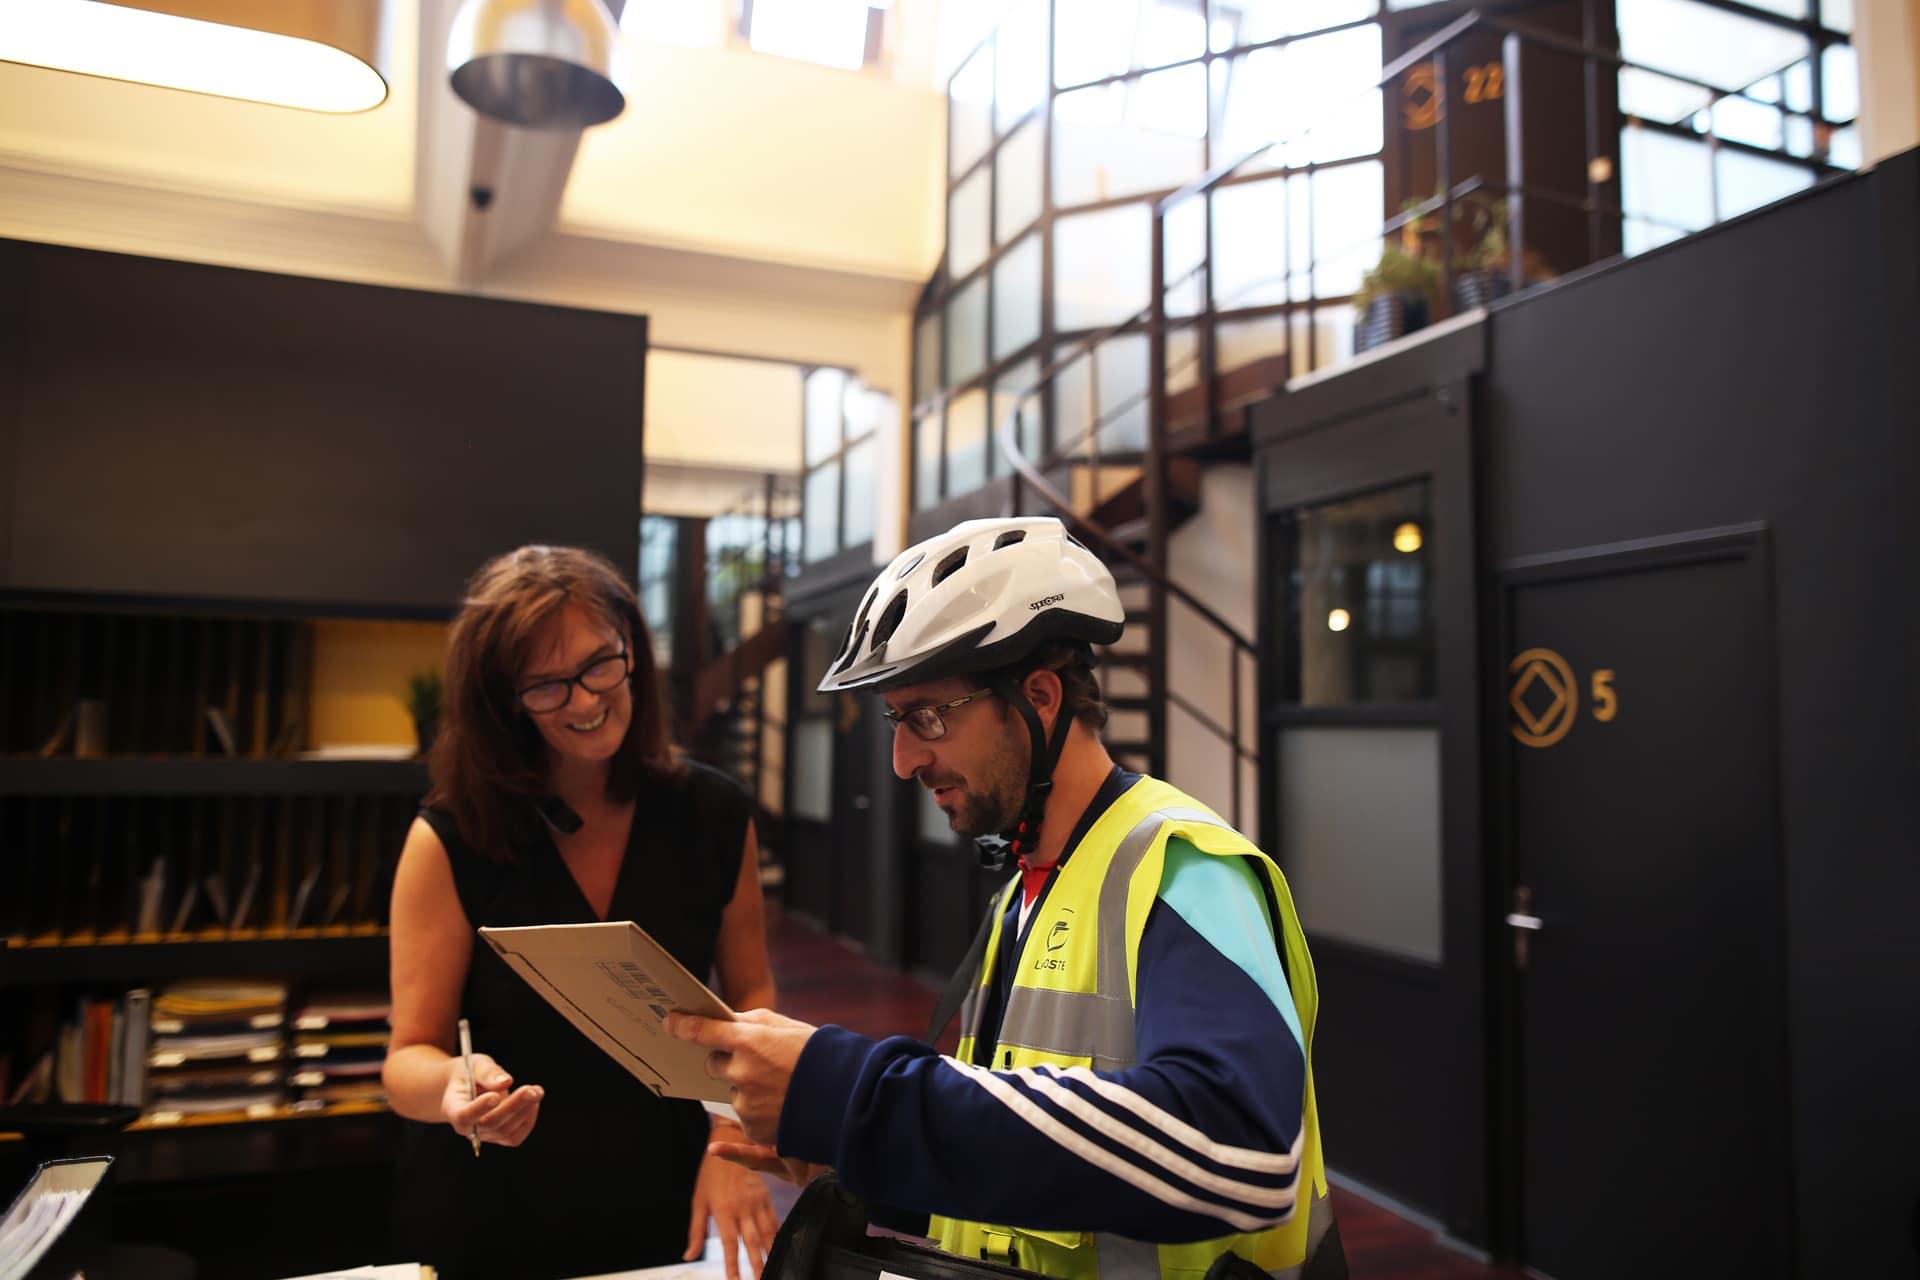 Espace de travail Be Square : secrétariat externalisé Roubaix, domiciliation d'entreprise, permanence téléphonique et bureau virtuel